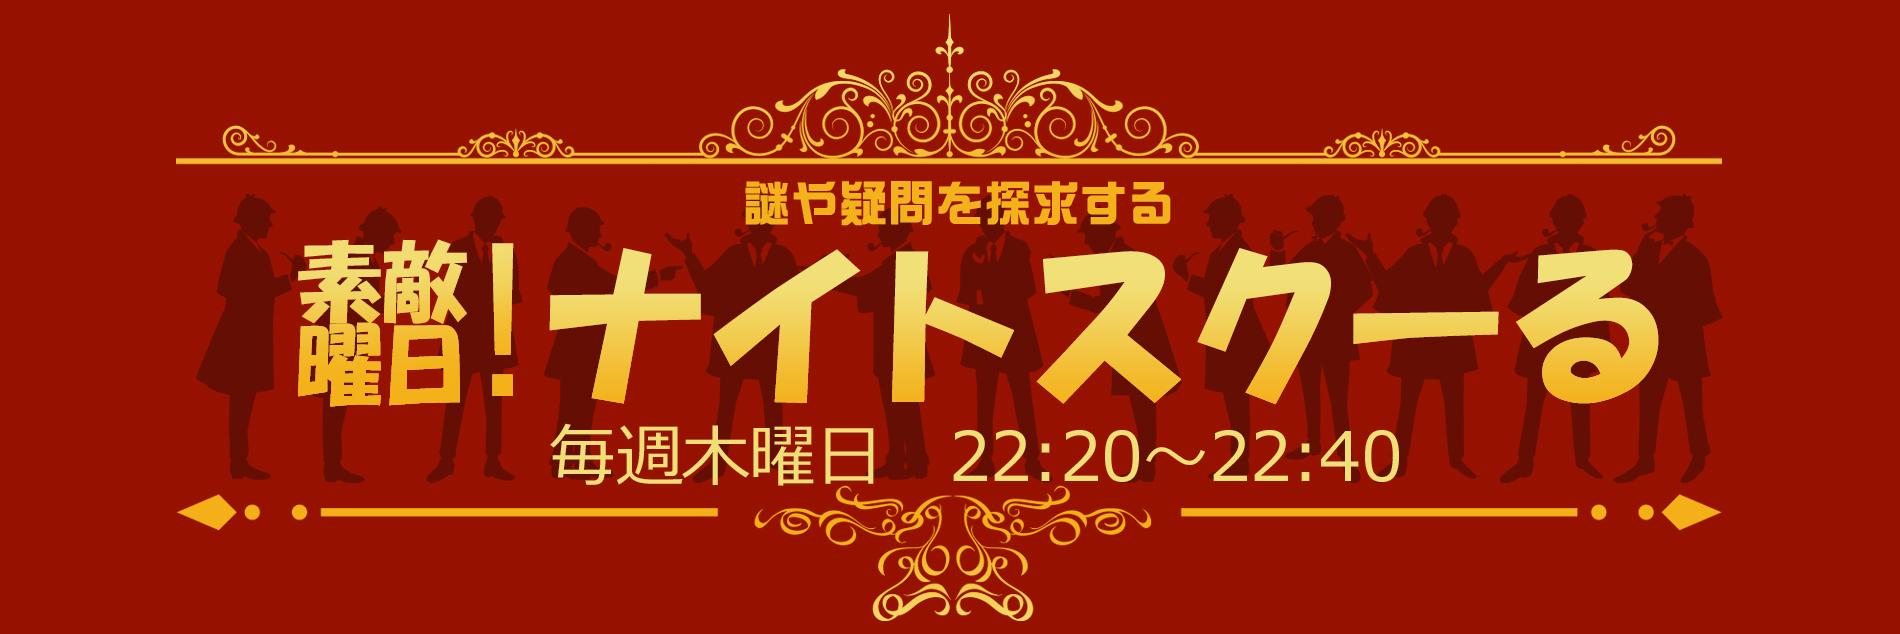 下北FM「素敵曜日!ナイトスクーる」(1)